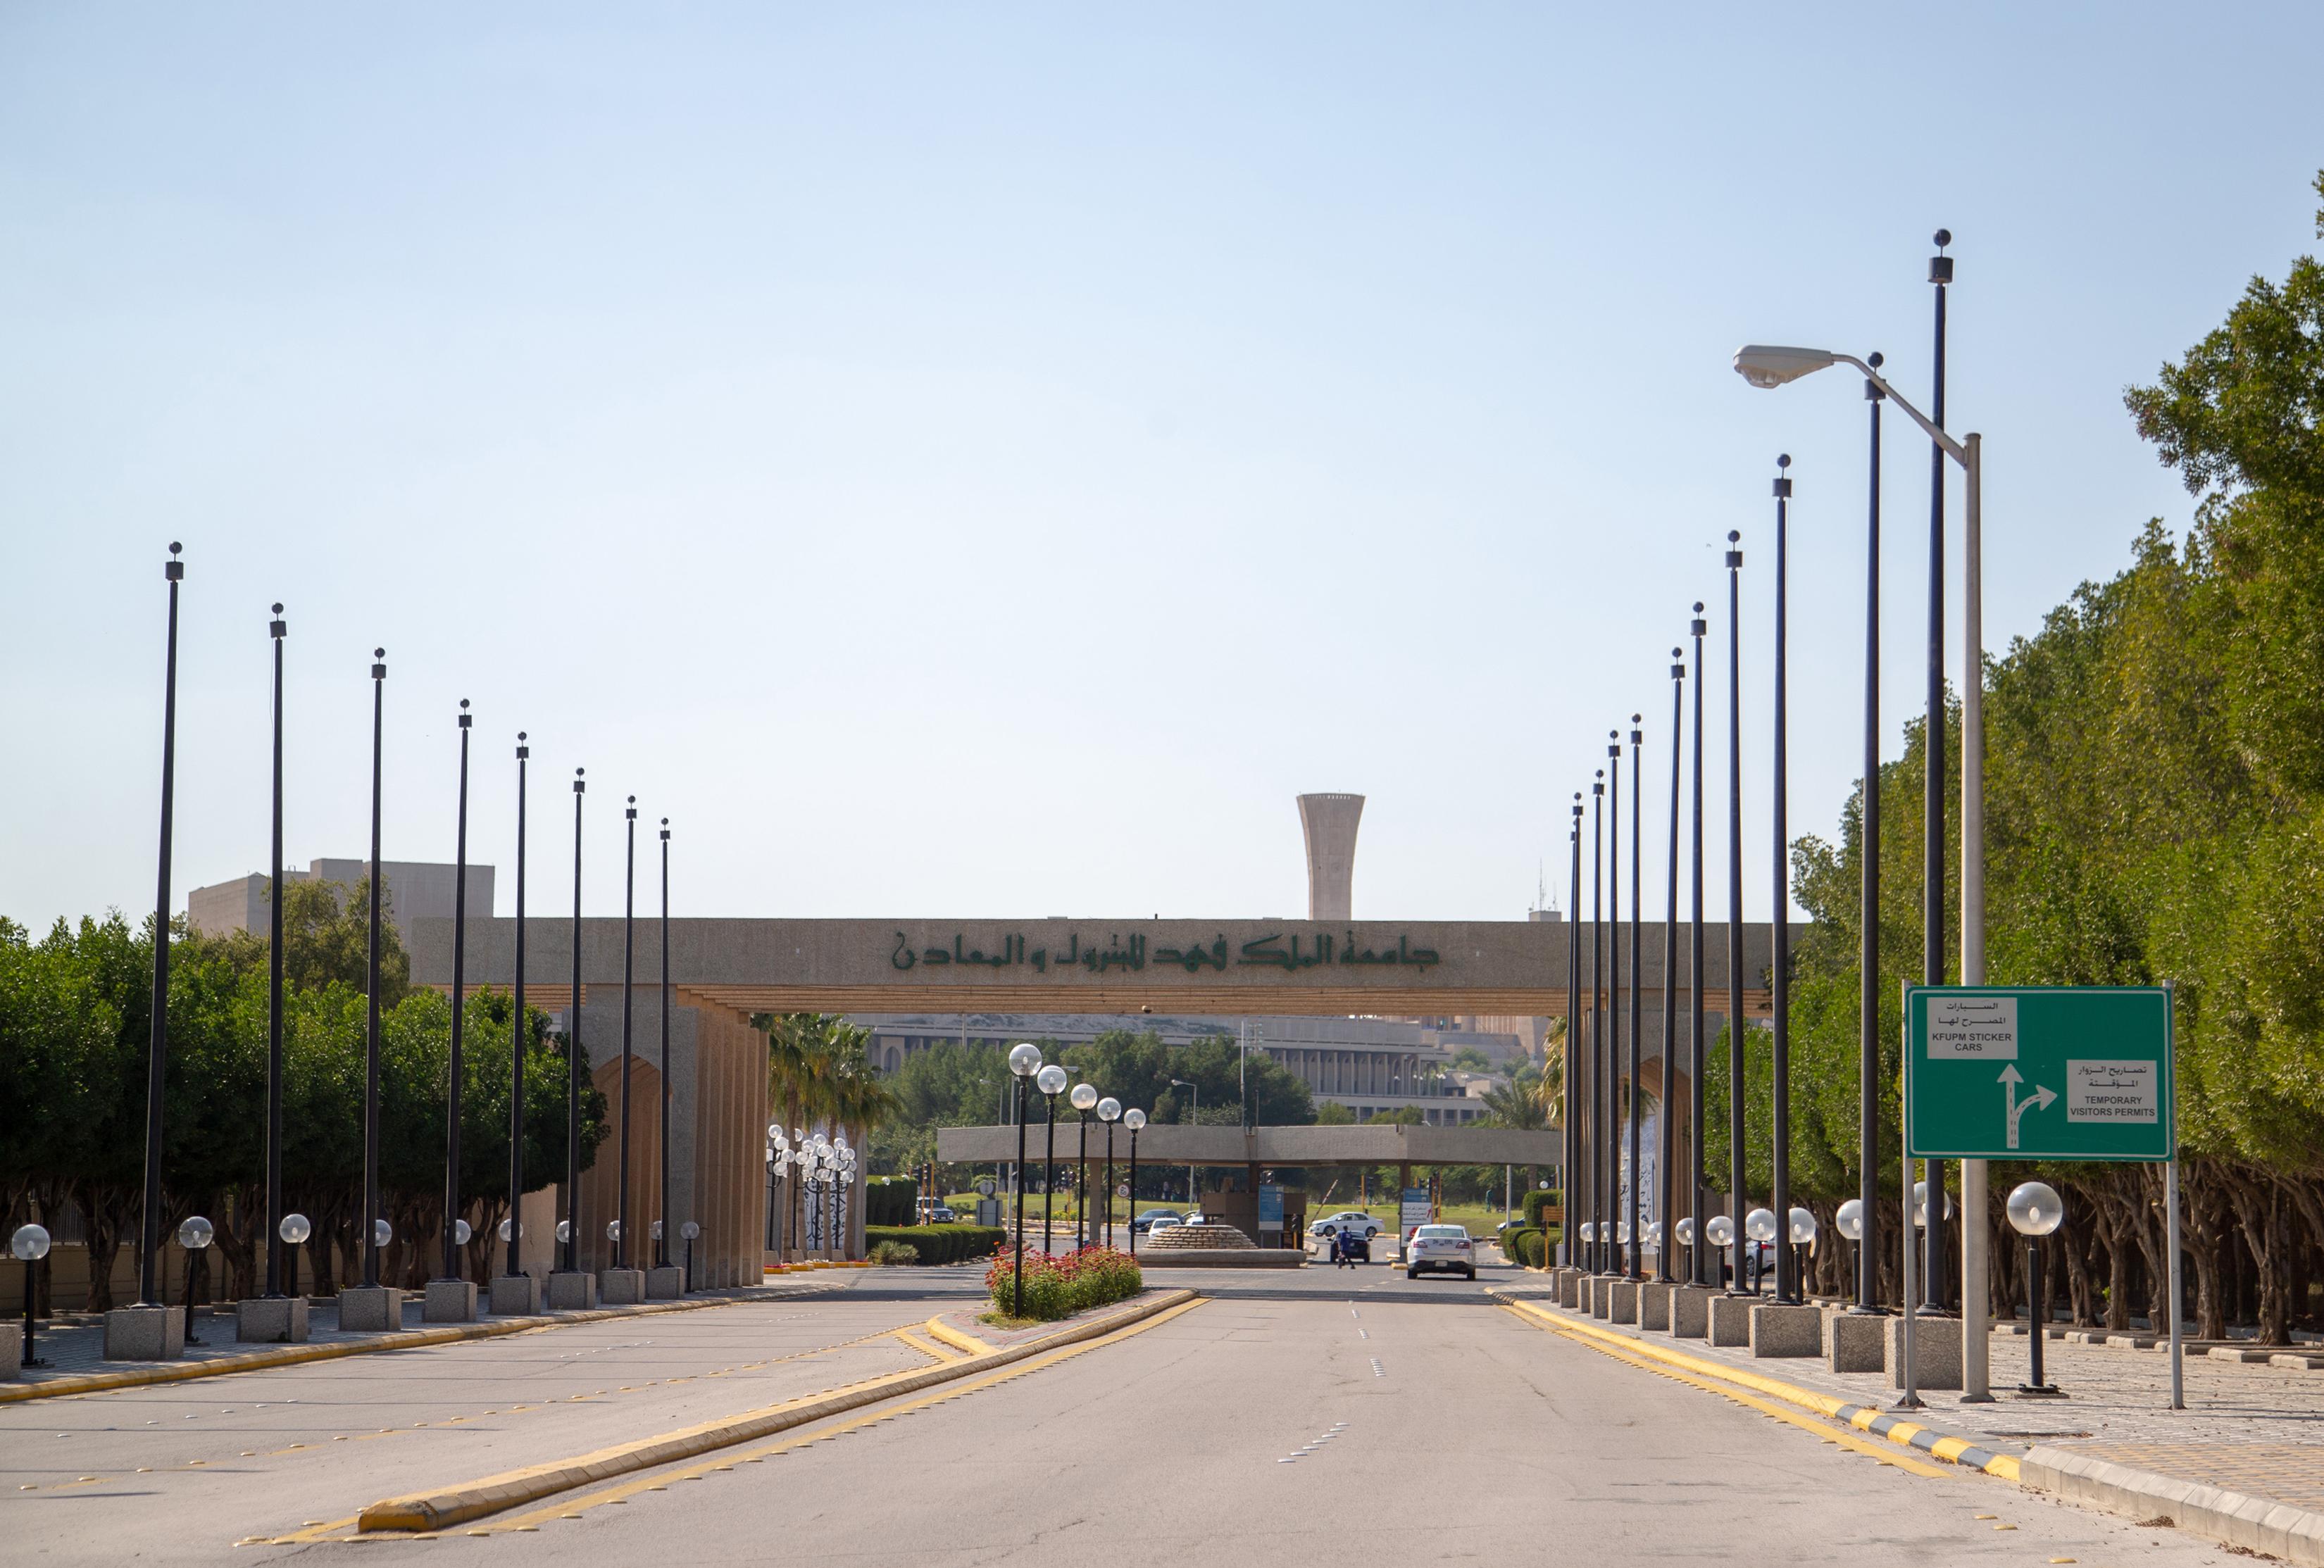 جامعة الملك فهد بترول وعمادن